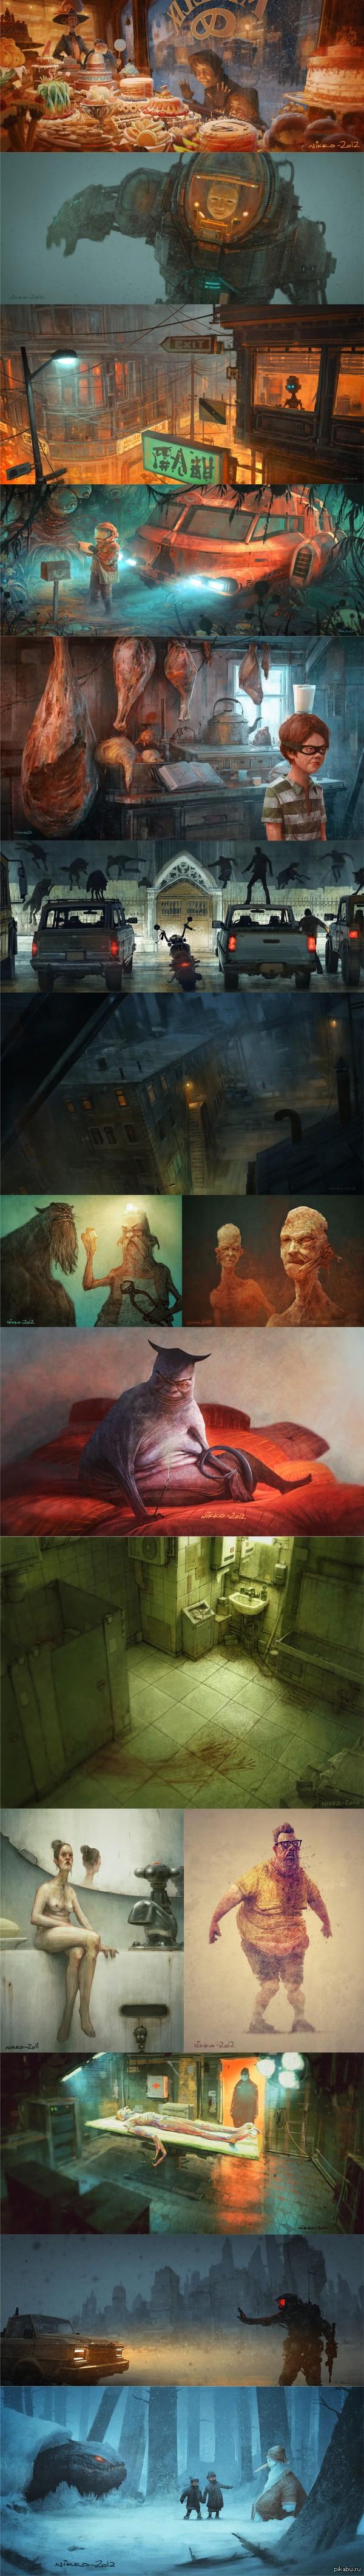 Иллюстрации Николая Локерцена. Nikolai Lockertsen — норвежский художник-иллюстратор, который занимается созданием качественных иллюстраций, создает концепции и разрабатывает эскизы.